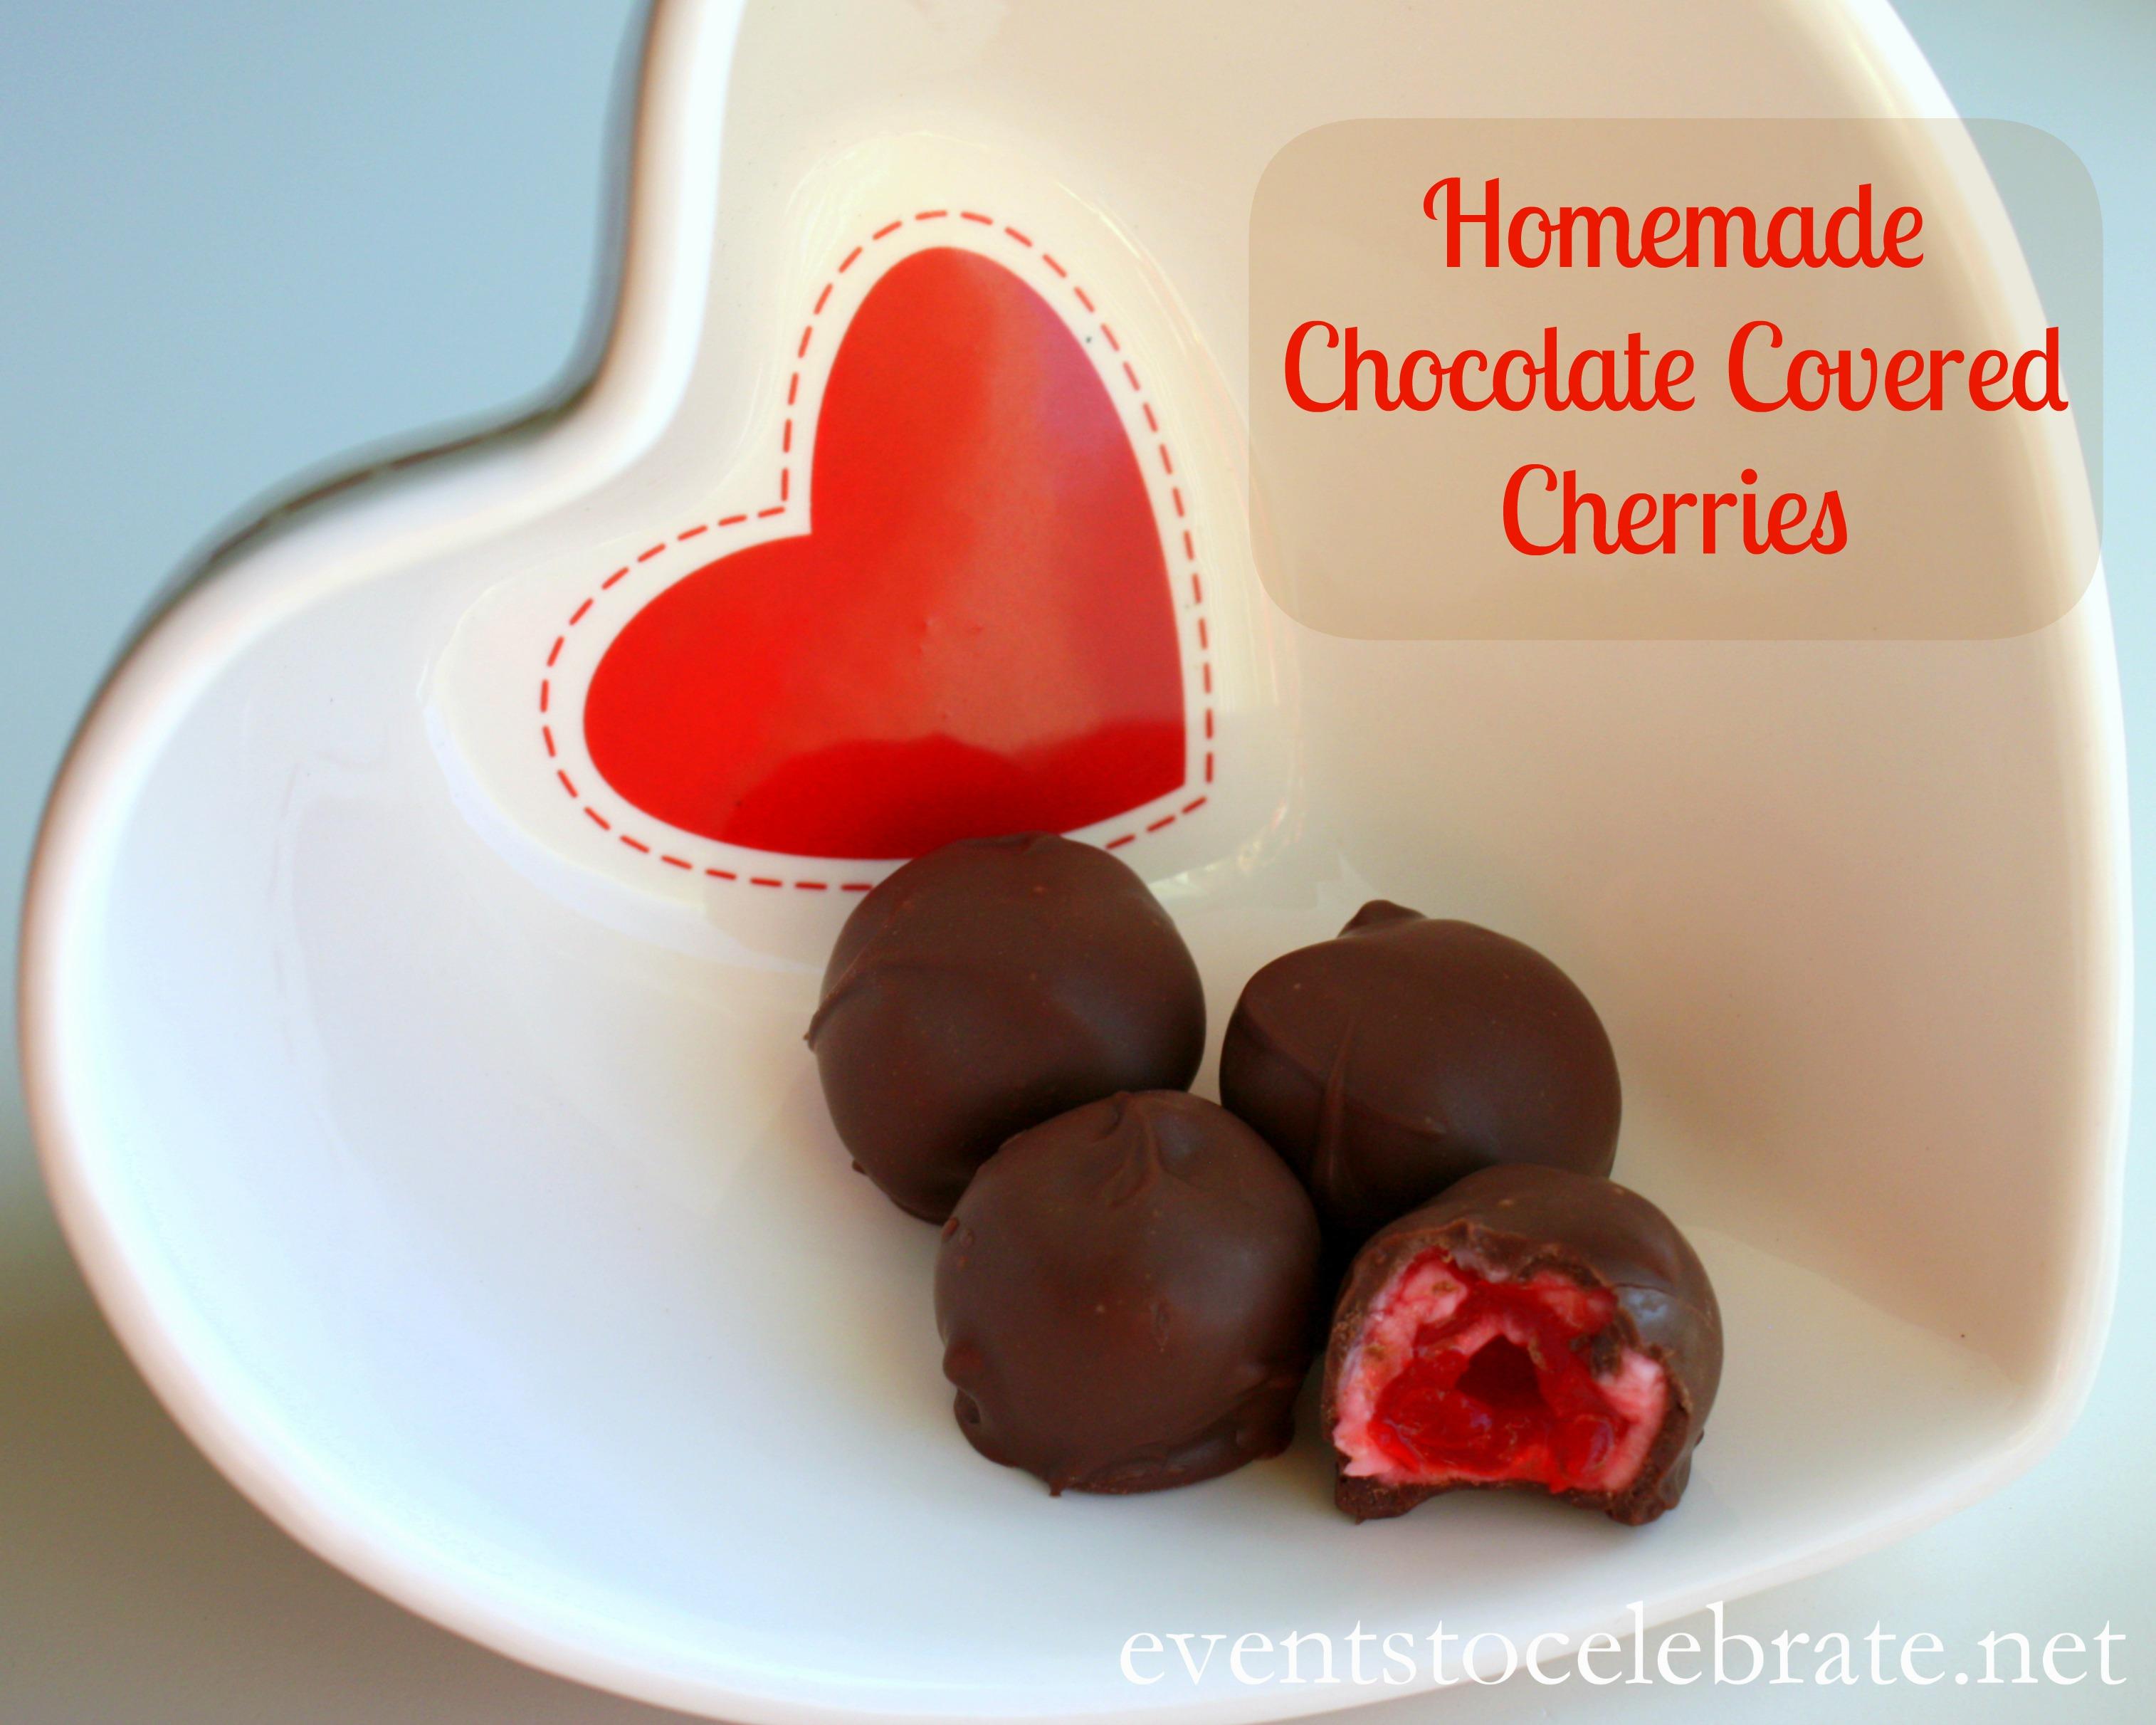 Homemade Chocolate Covered Cherries -